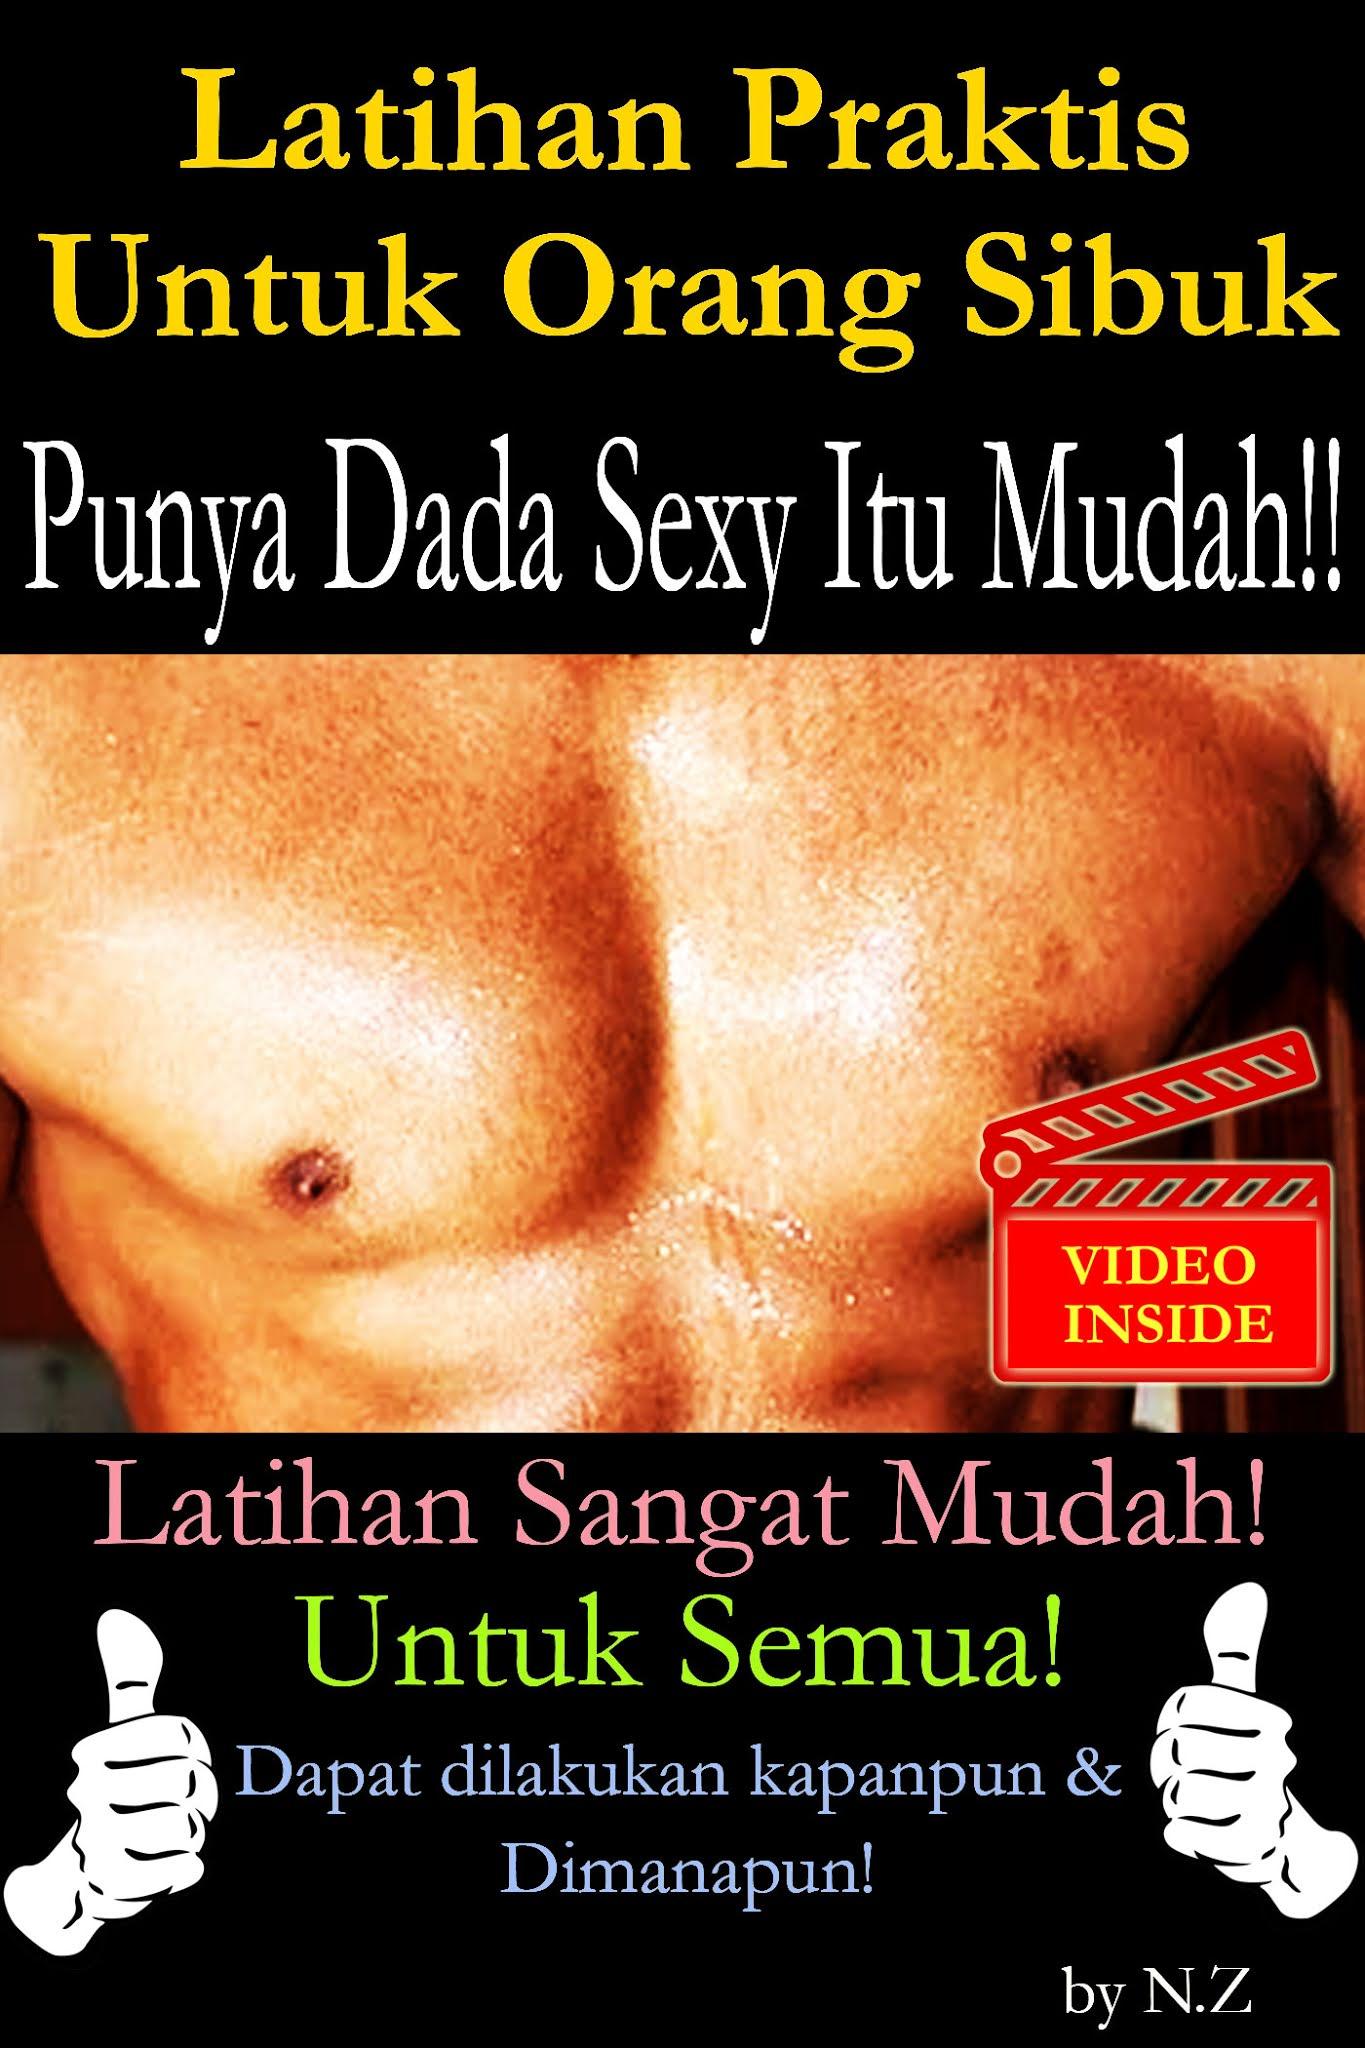 Latihan Praktis Untuk Orang Sibuk: Dada Sexy Itu Mudah!!